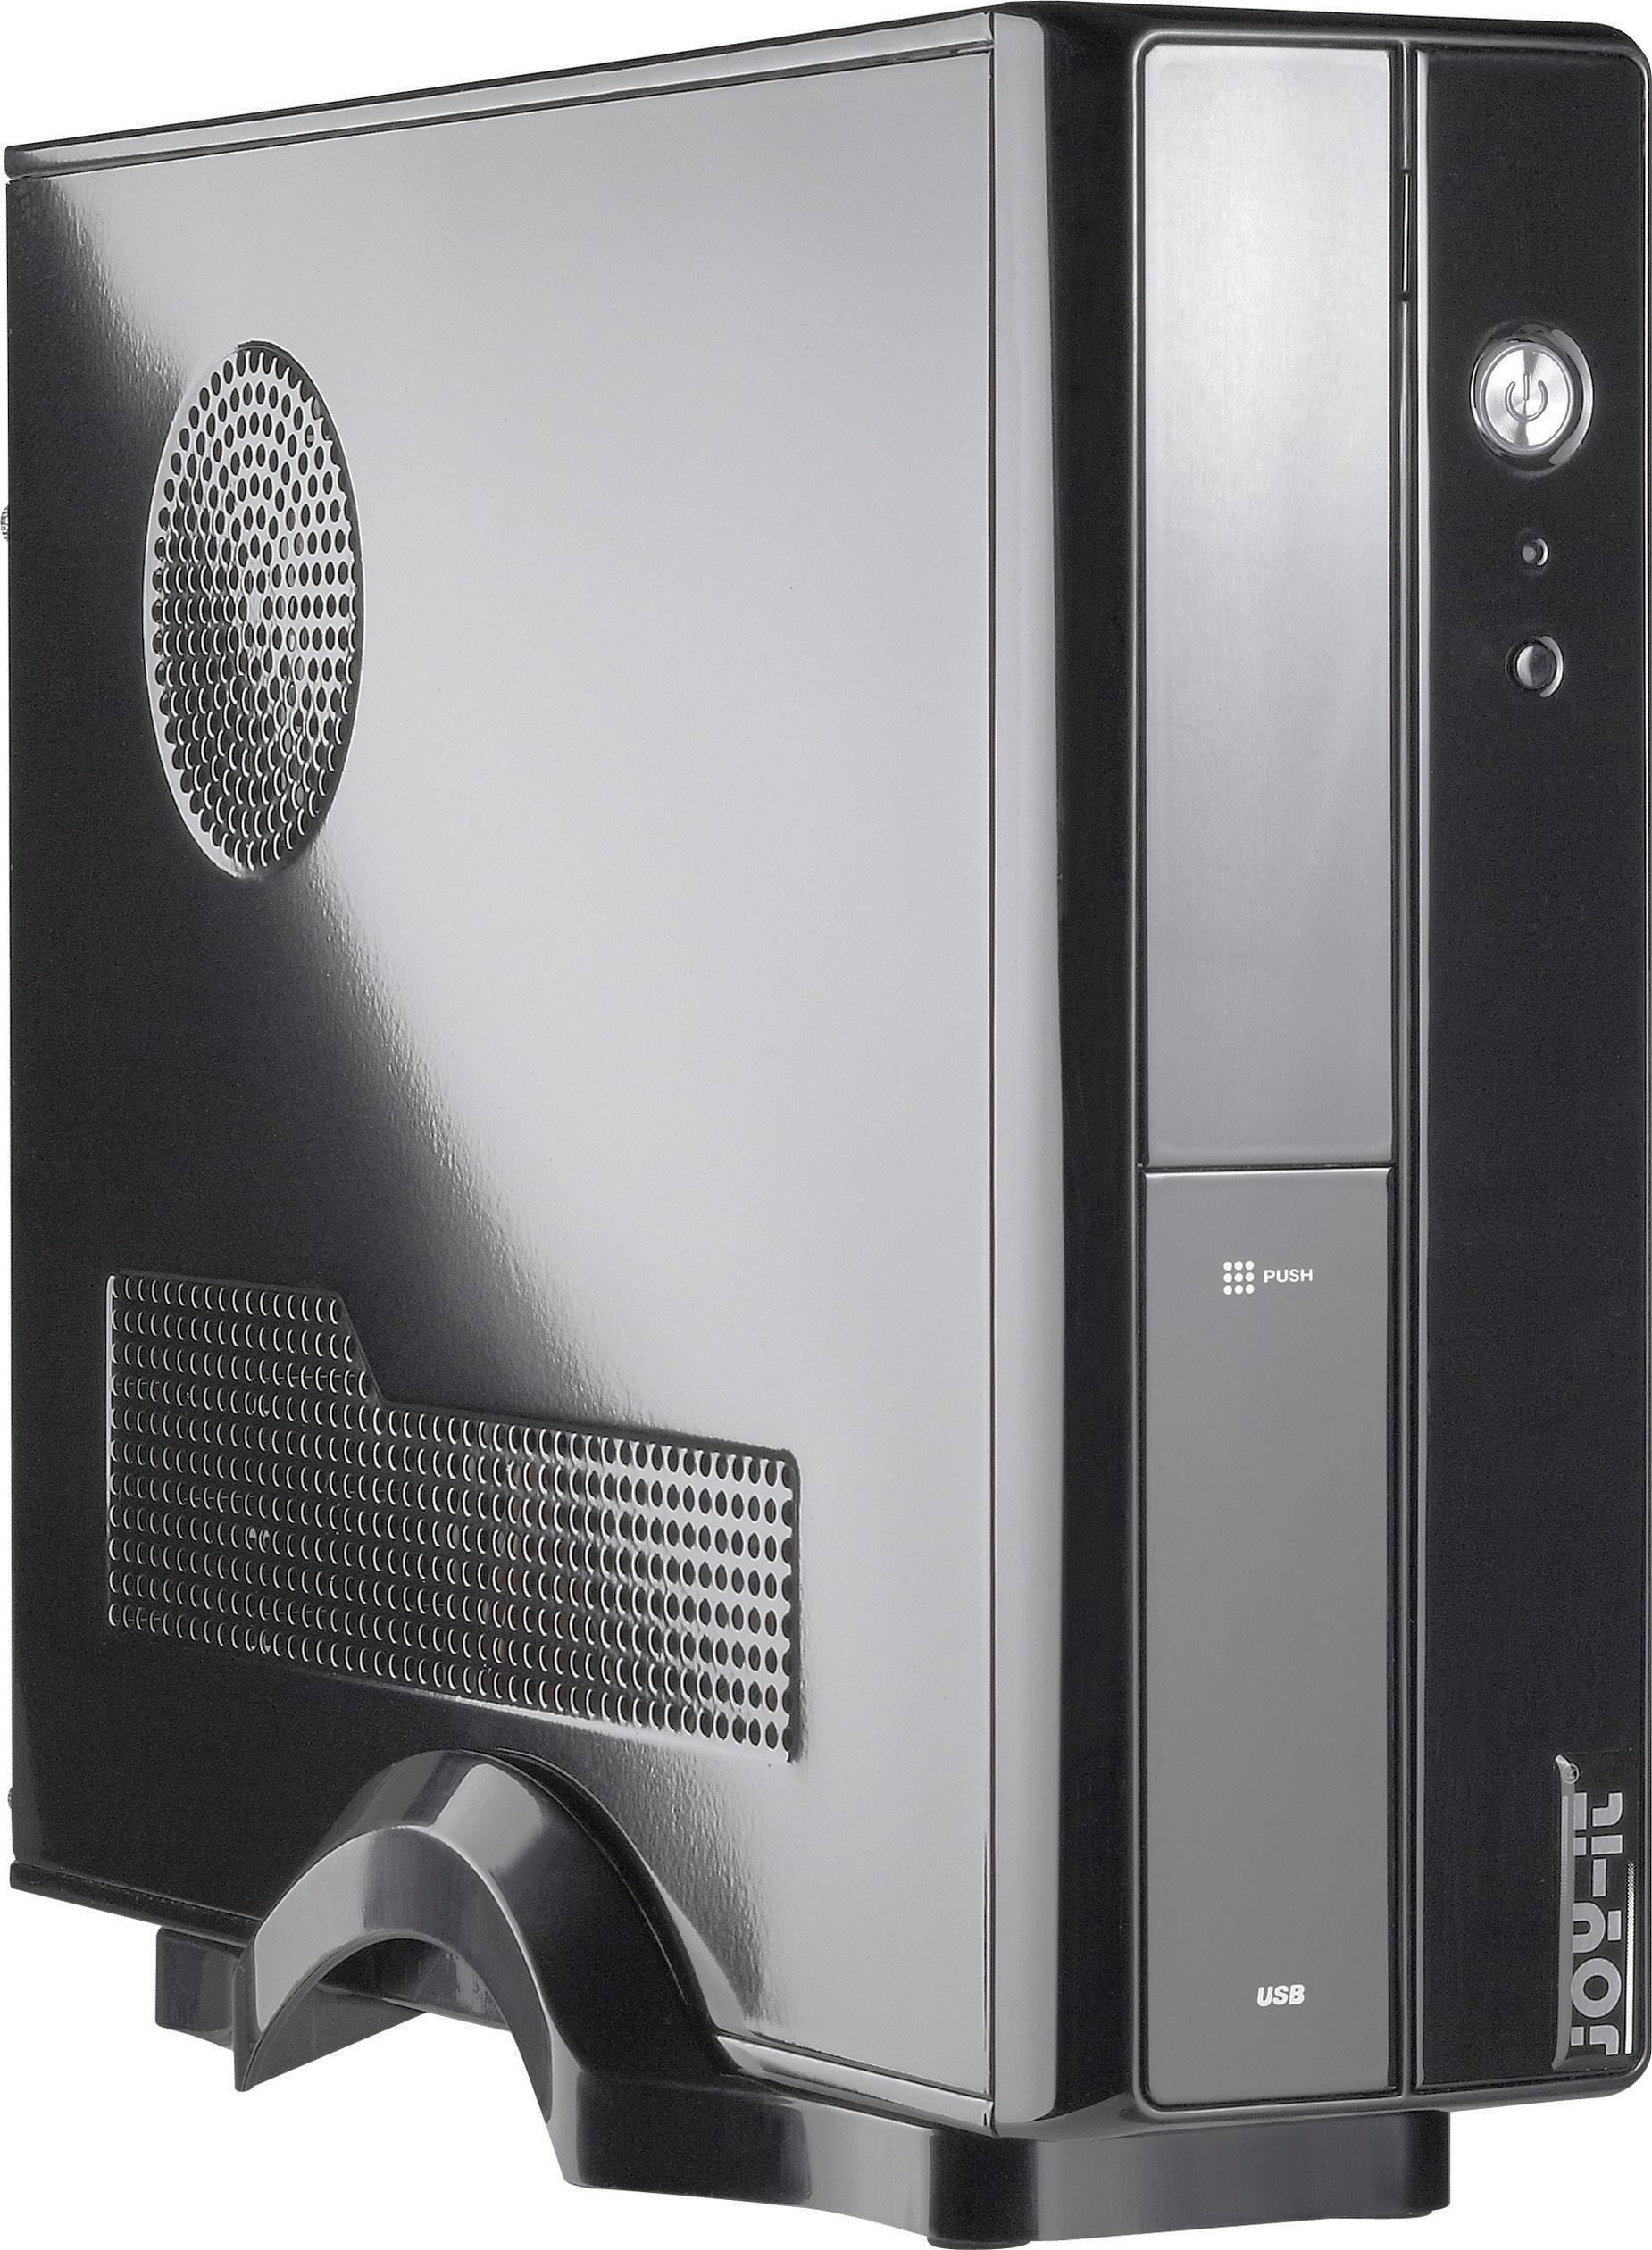 Desktop PC Gehäuse LC Power 1400 Schwarz